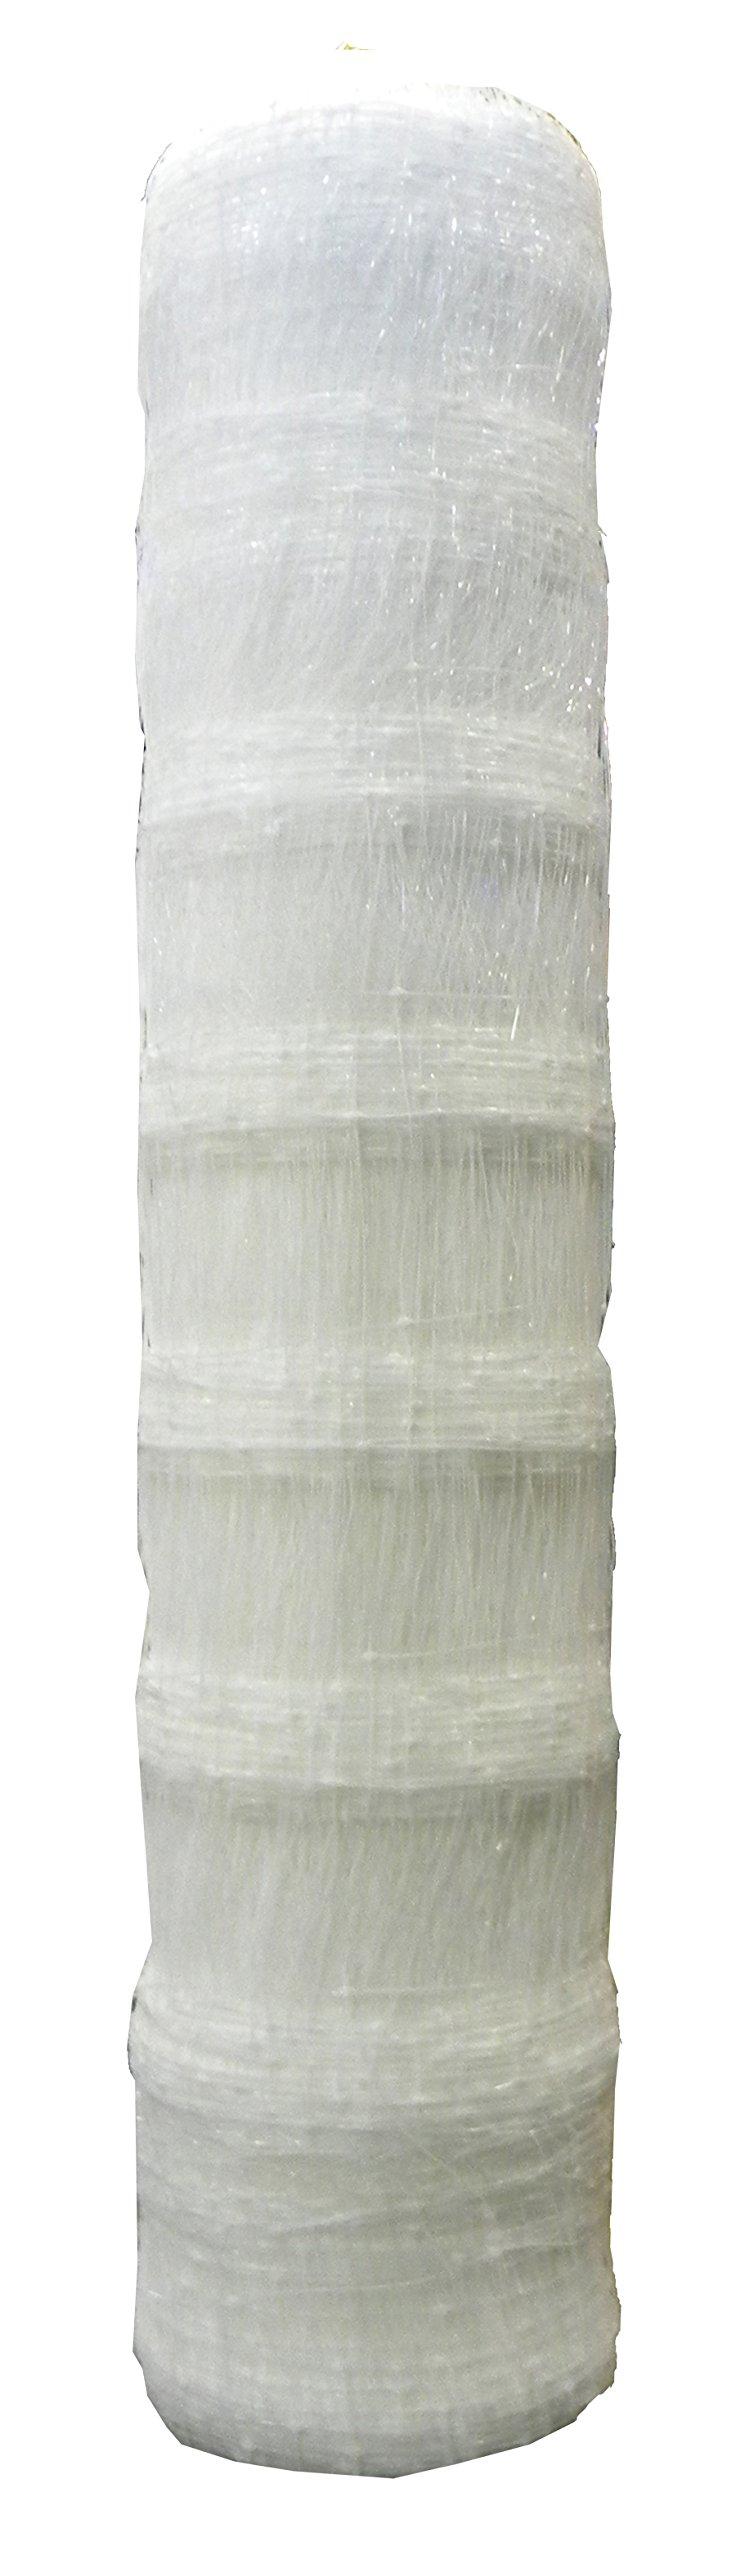 Tenax Hortonova Plant Net, 42-Inch by 3280-Feet